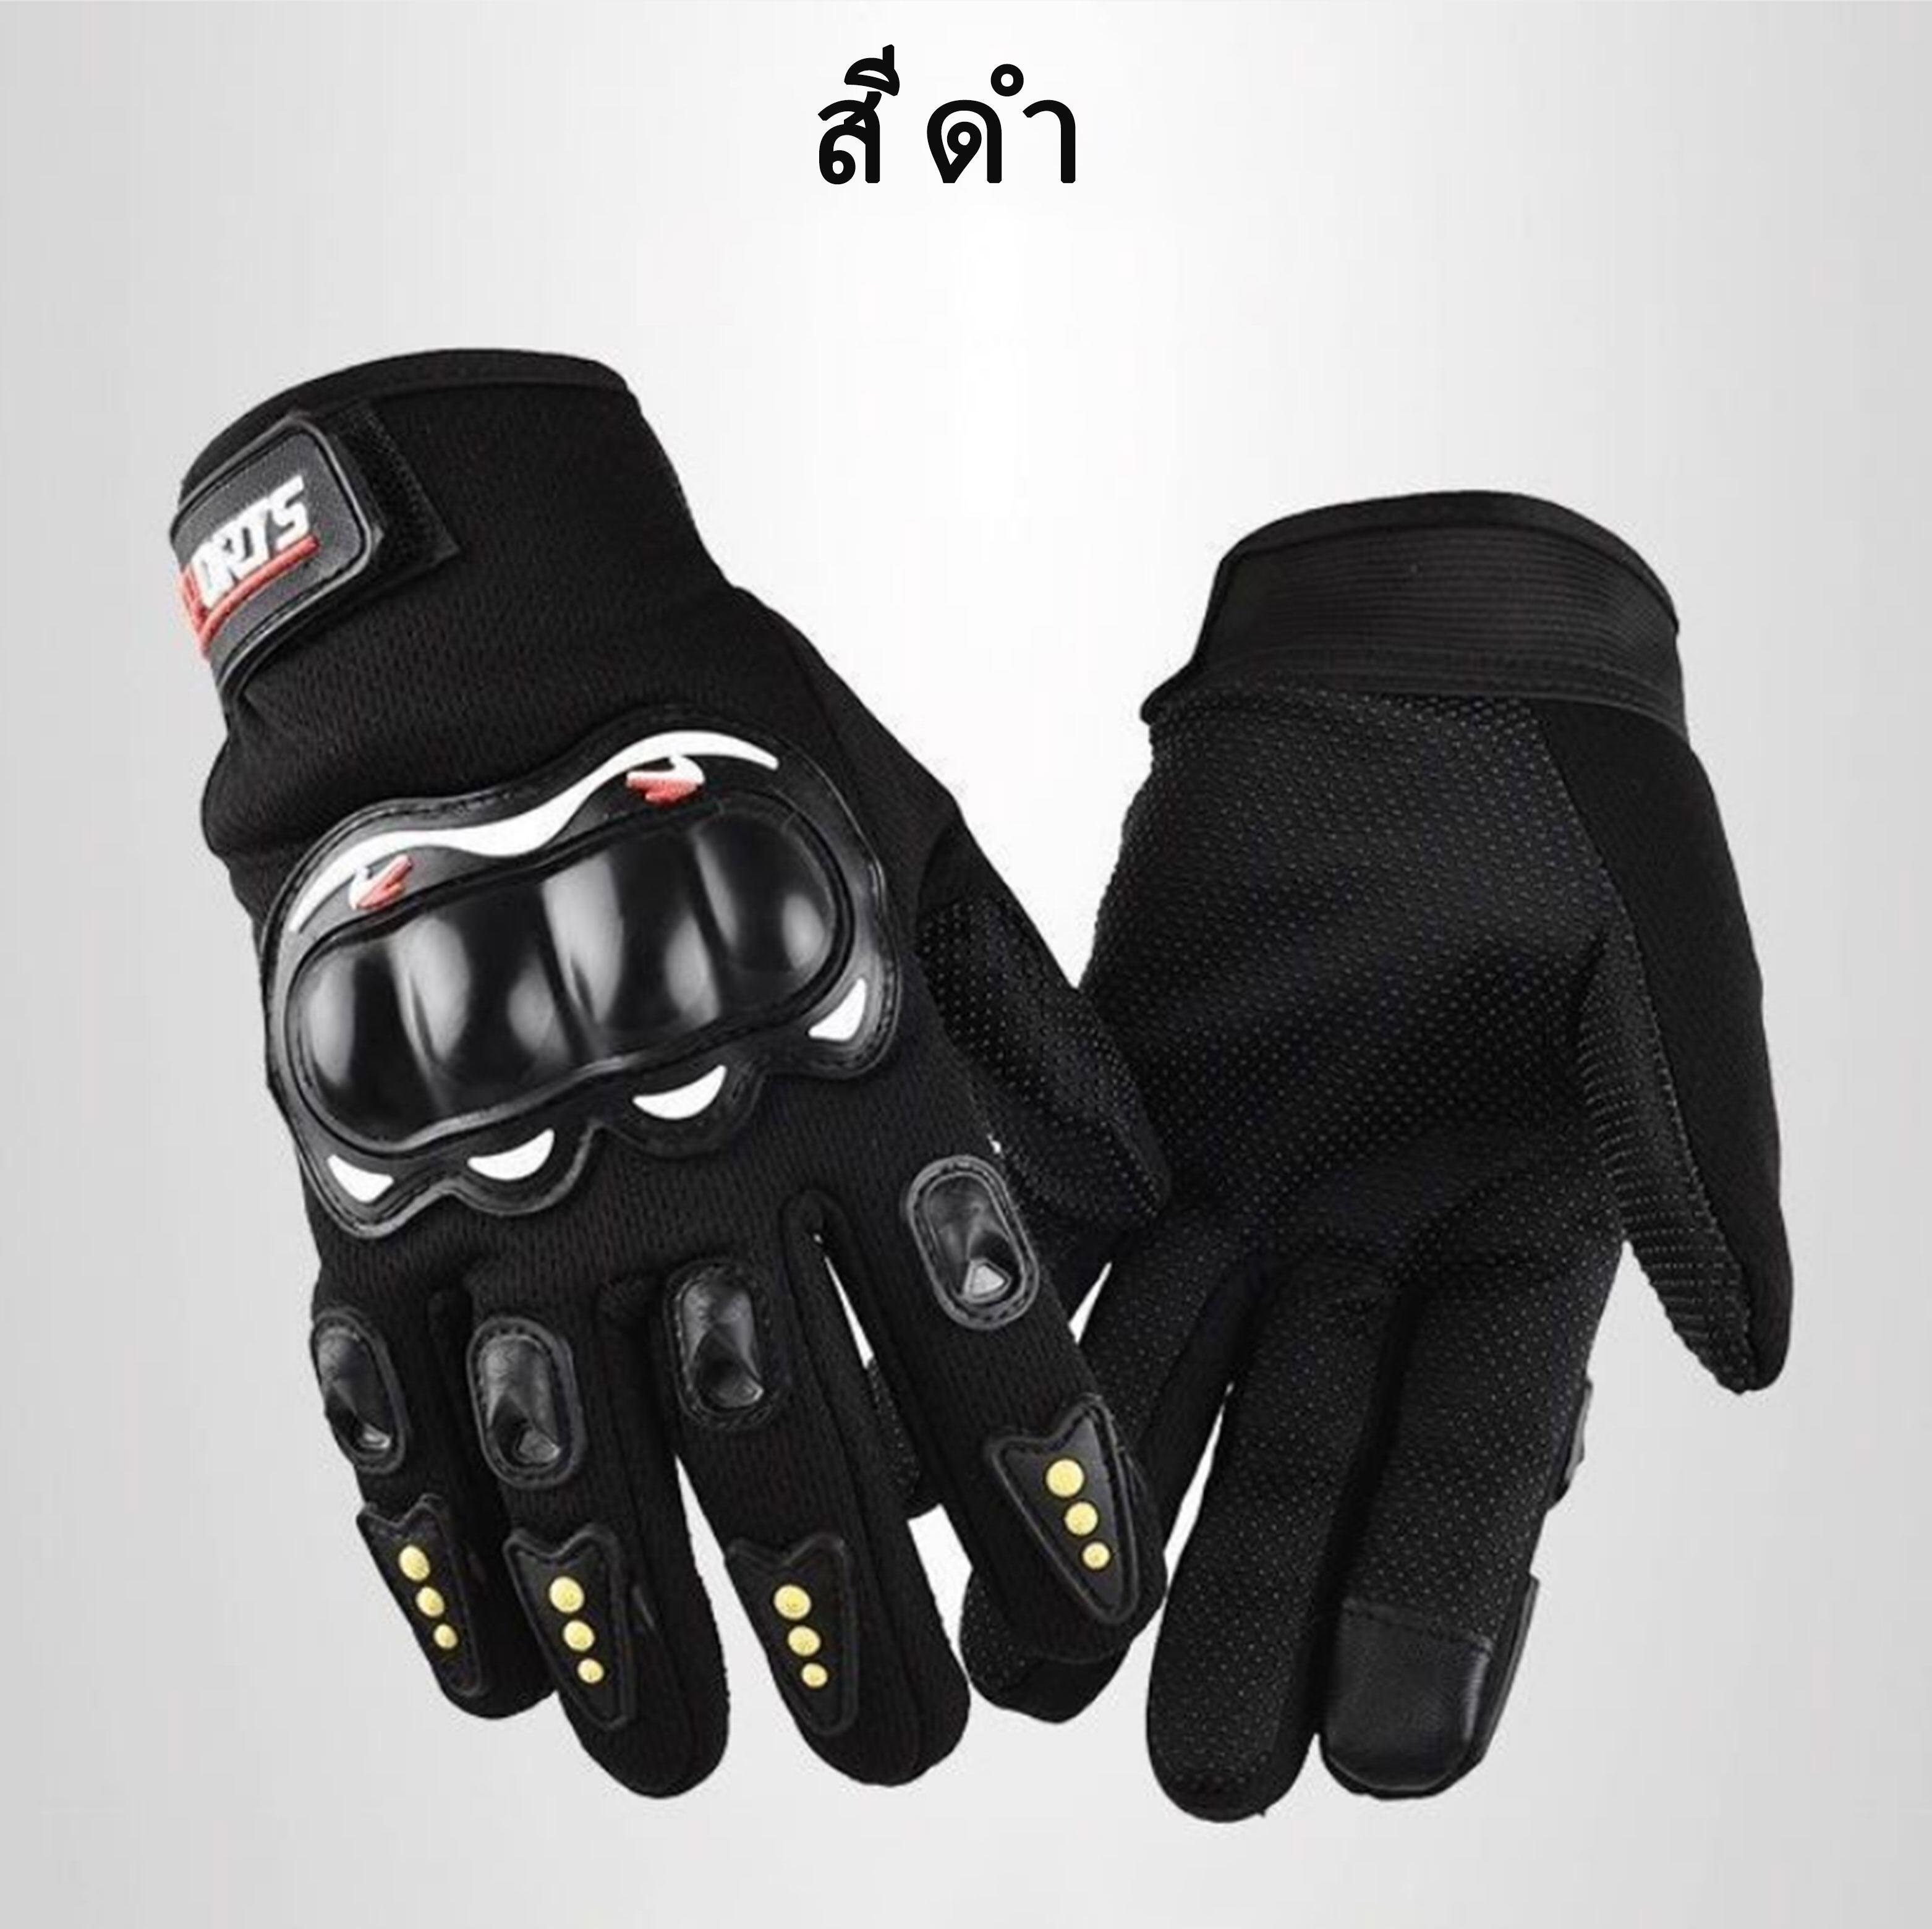 MONCARE ถุงมือมอเตอร์ไซค์เต็มนิ้ว ถุงมือขับรถ ถุงมือออกกำลังกาย ถุงมือจักรยาน ถุงมือ ถุงมือมอไซ ถุงมือขับรถ ถุงมือปั่นจักรยาน